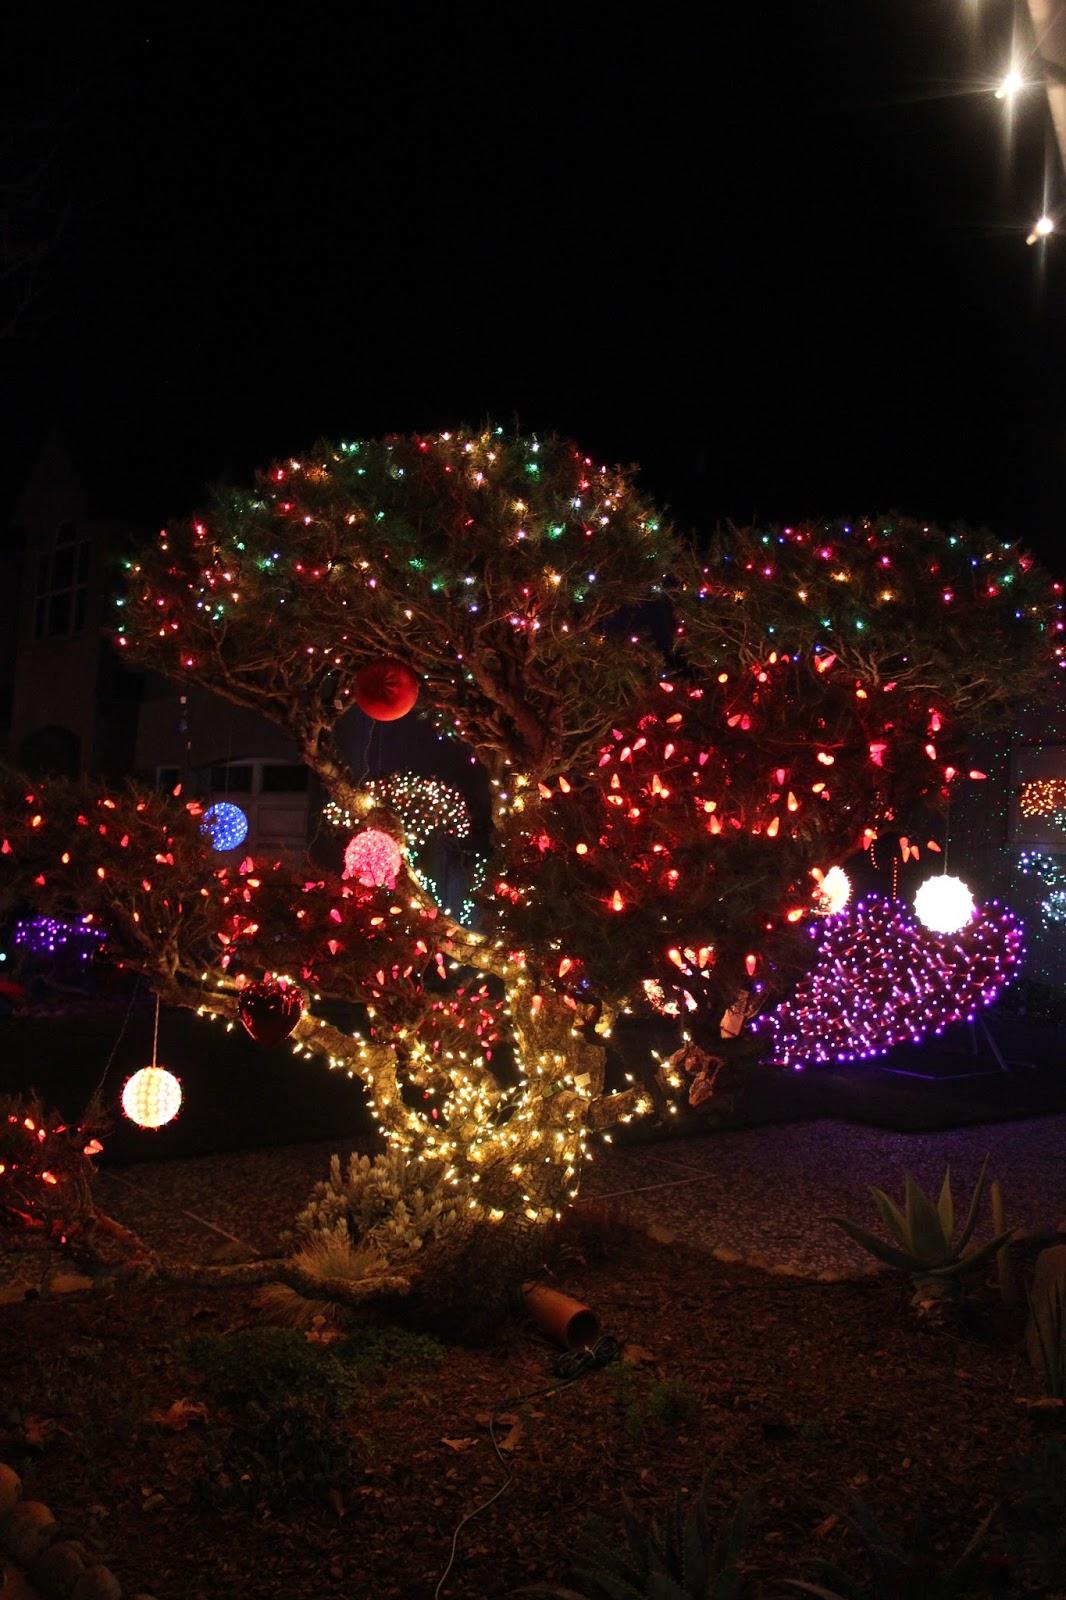 #A77624 Les Tribulations D'une Famille Française En Californie  5329 décorations de noel aux etats unis 1066x1600 px @ aertt.com